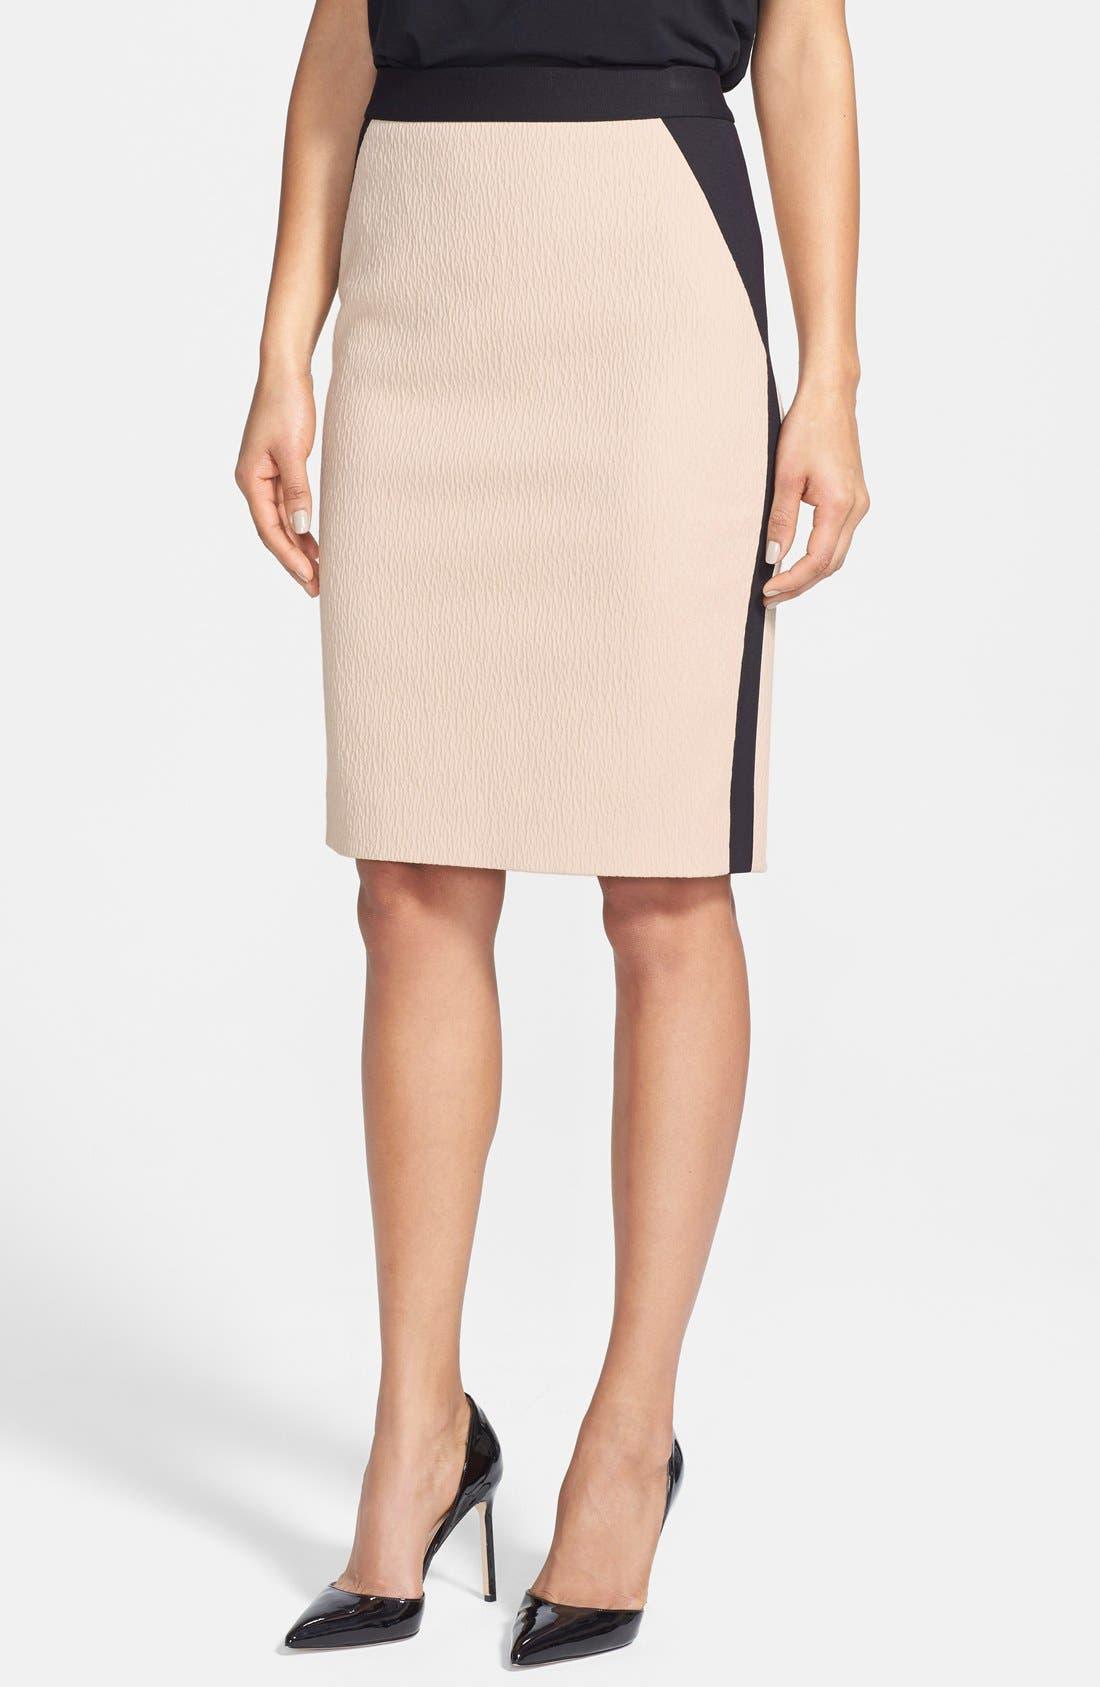 Alternate Image 1 Selected - Classiques Entier® 'Reid' Textured Cotton Blend & Ponte Skirt